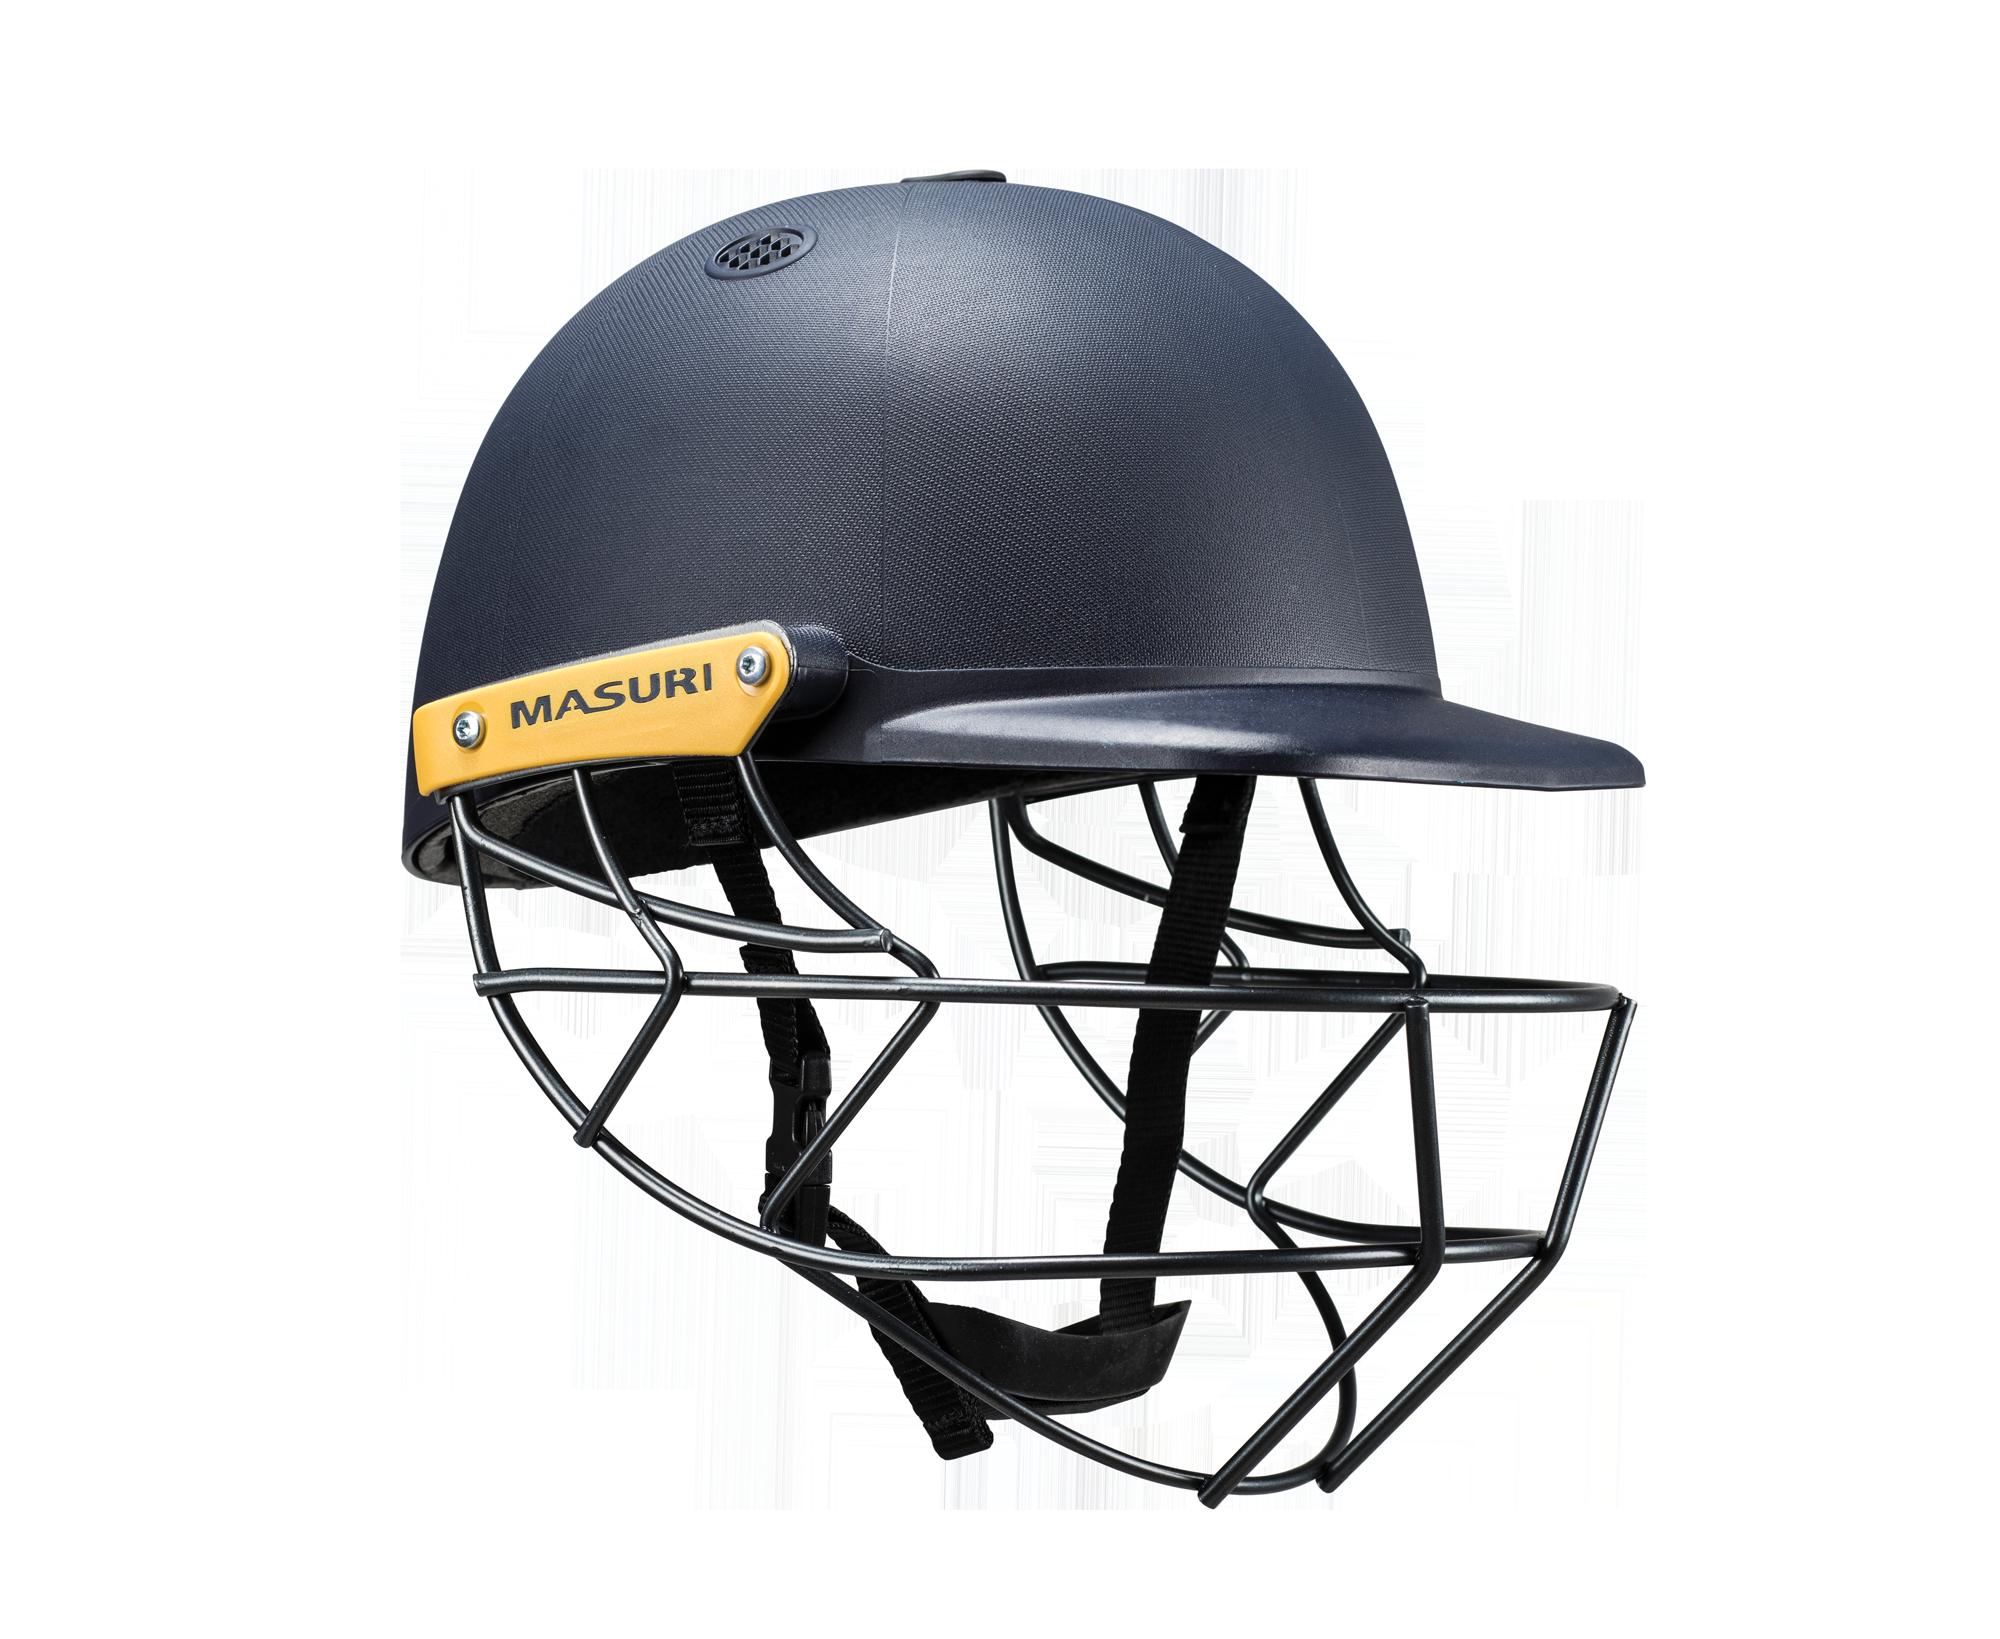 Masuri Vision Series Club helmet